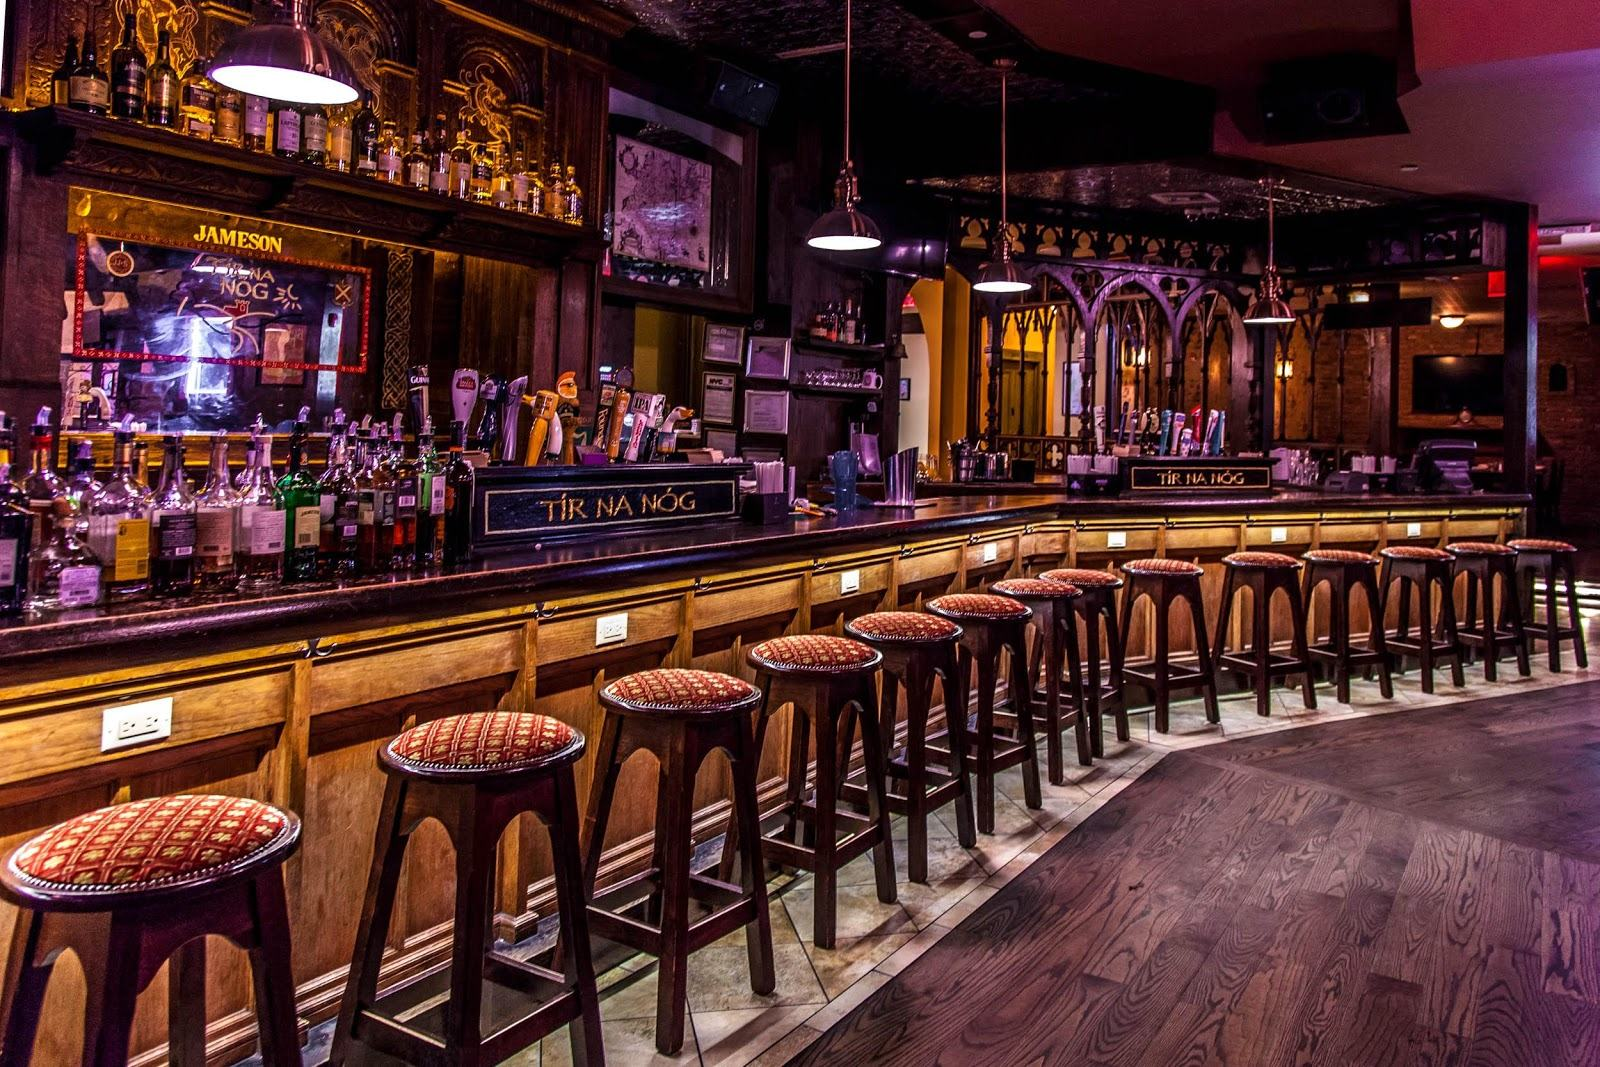 Các bar ở Hà Nội - Địa điểm vui chơi tới bến của giới trẻ Hà Nội